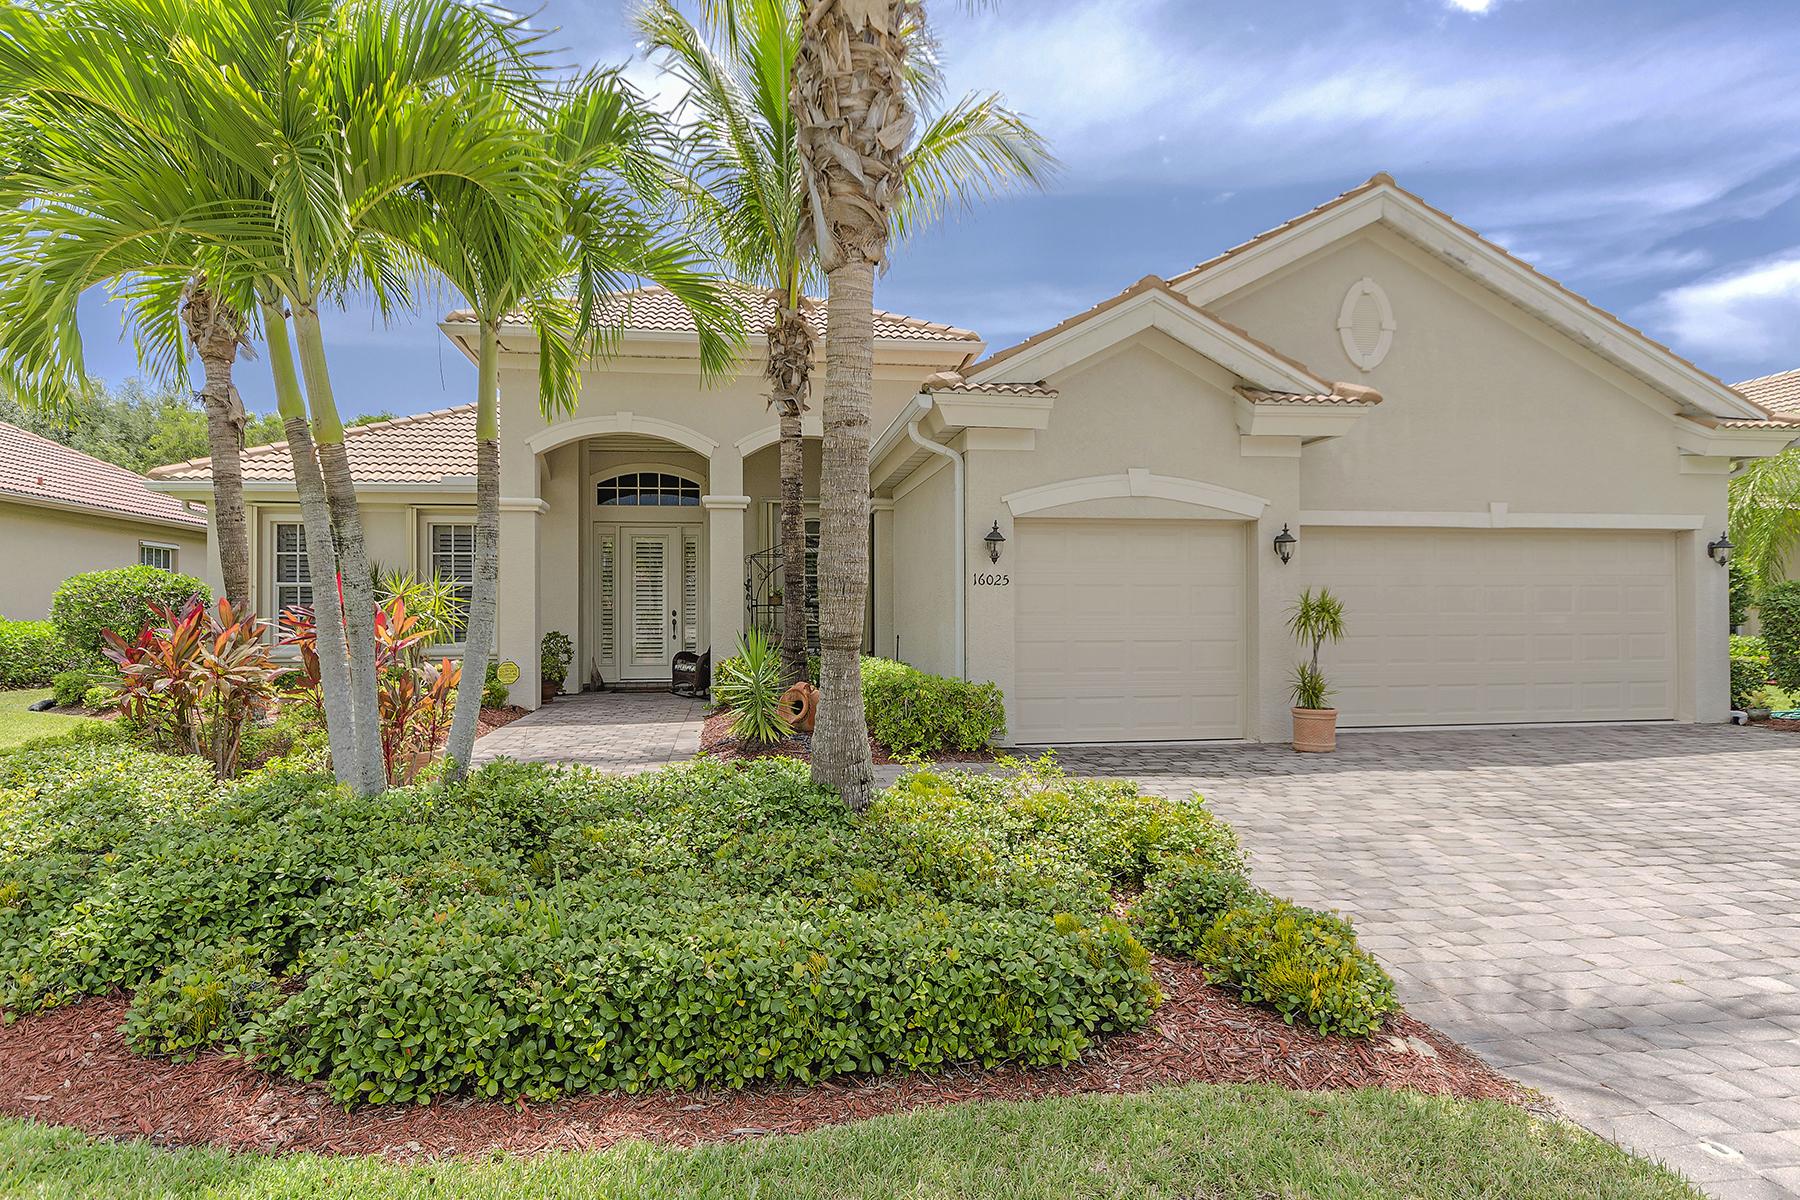 Nhà ở một gia đình vì Bán tại 16025 Delarosa Ln , Naples, FL 34110 16025 Delarosa Ln Naples, Florida 34110 Hoa Kỳ